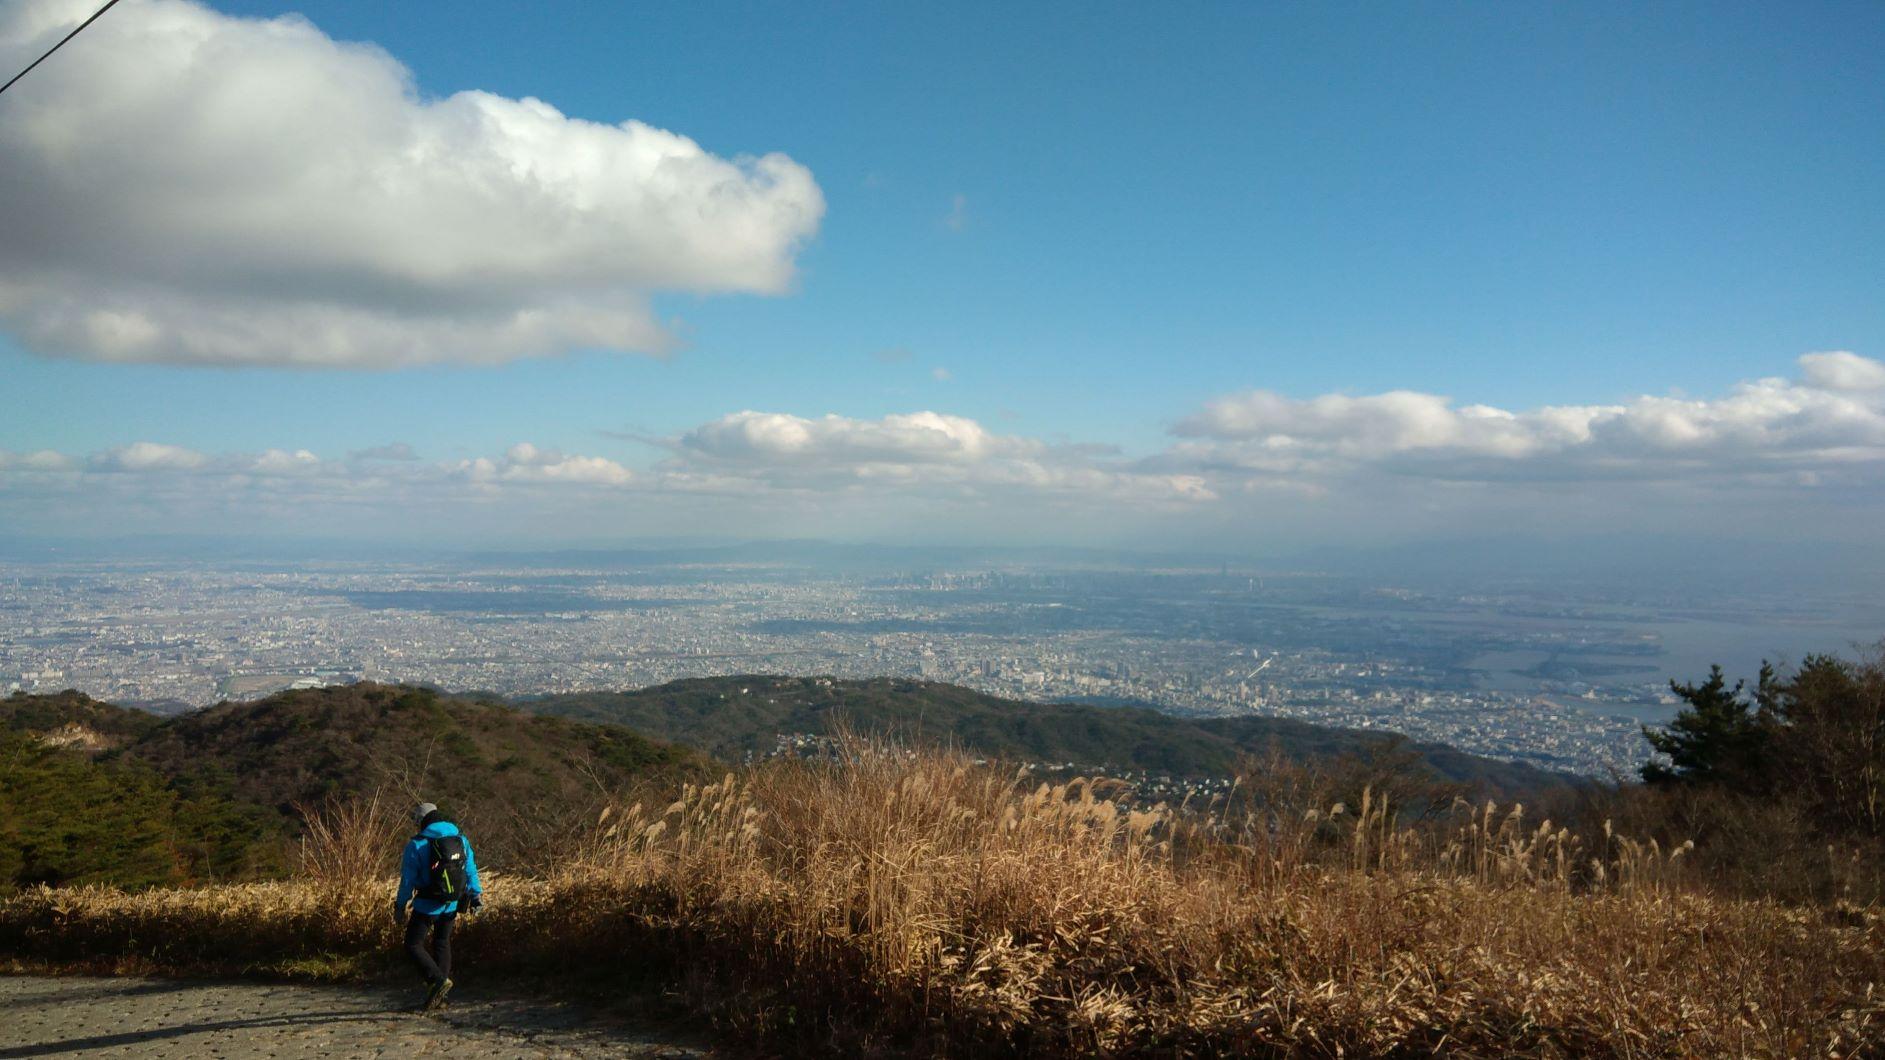 六甲山最高峰から芦屋・西宮・大阪方面を望む